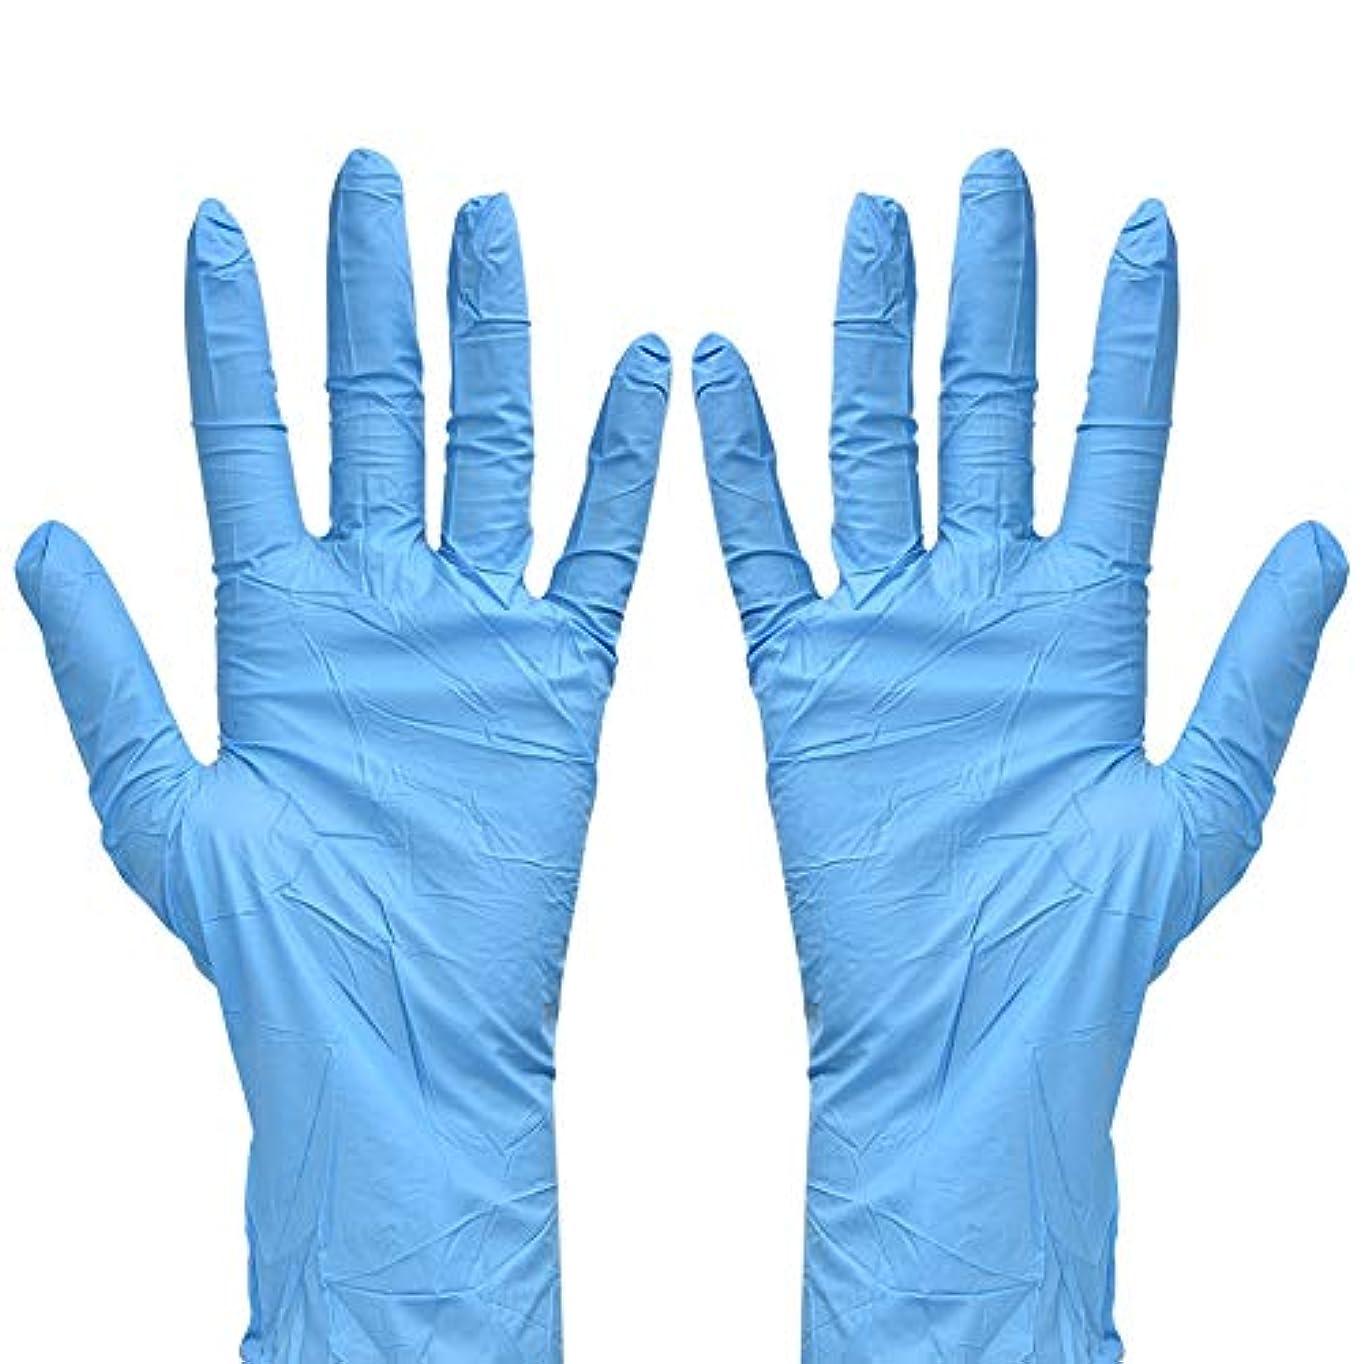 茎宿潜む50個 - 使い捨て手袋 - 研究室用ニトリル作業用安全手袋、ホーム、キッチン、パウダーフリー、滑り止め(S)